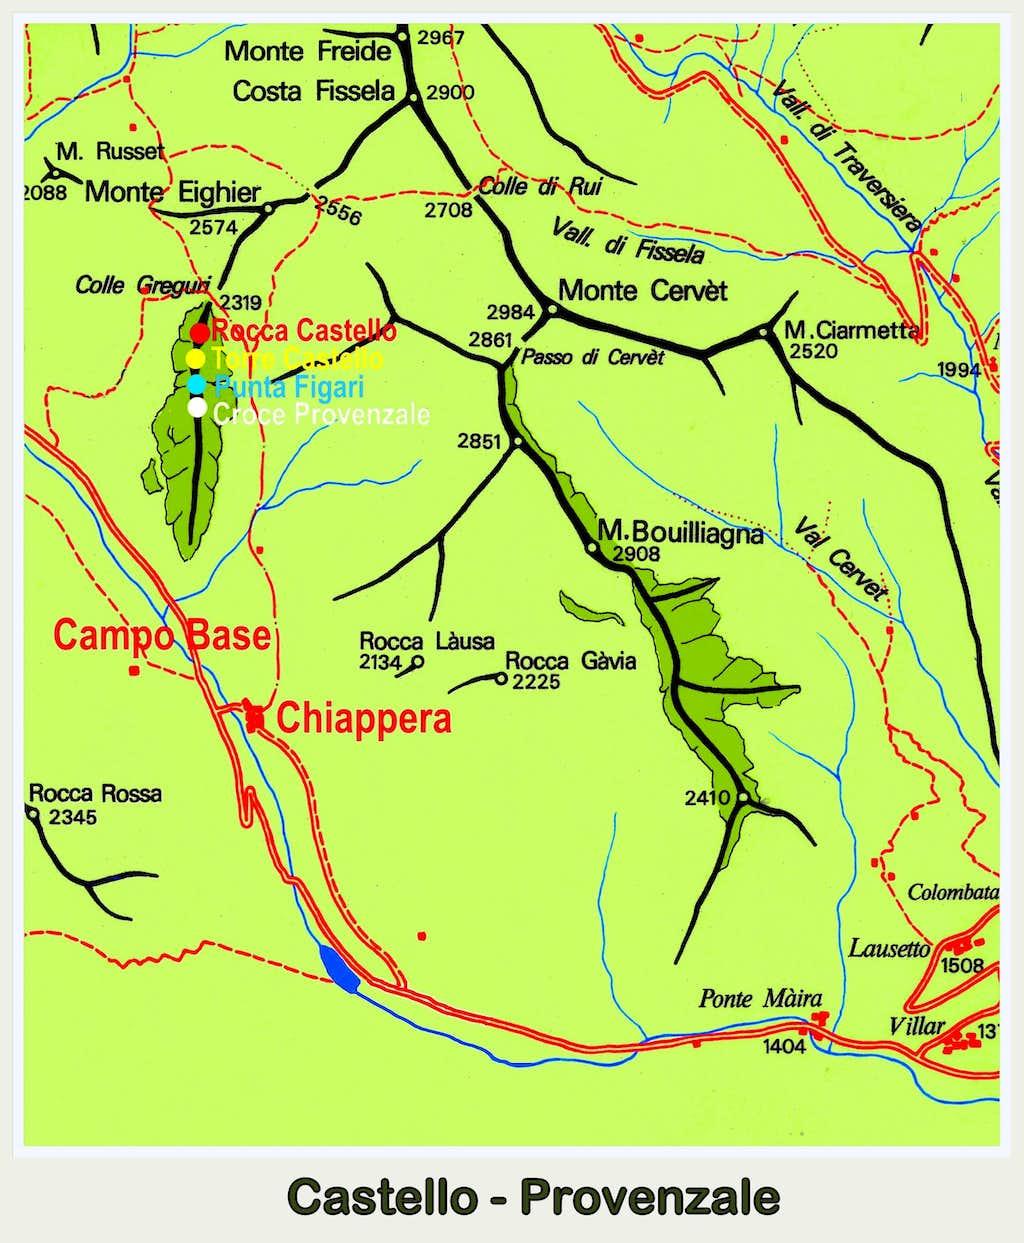 Castello-Provenzale map